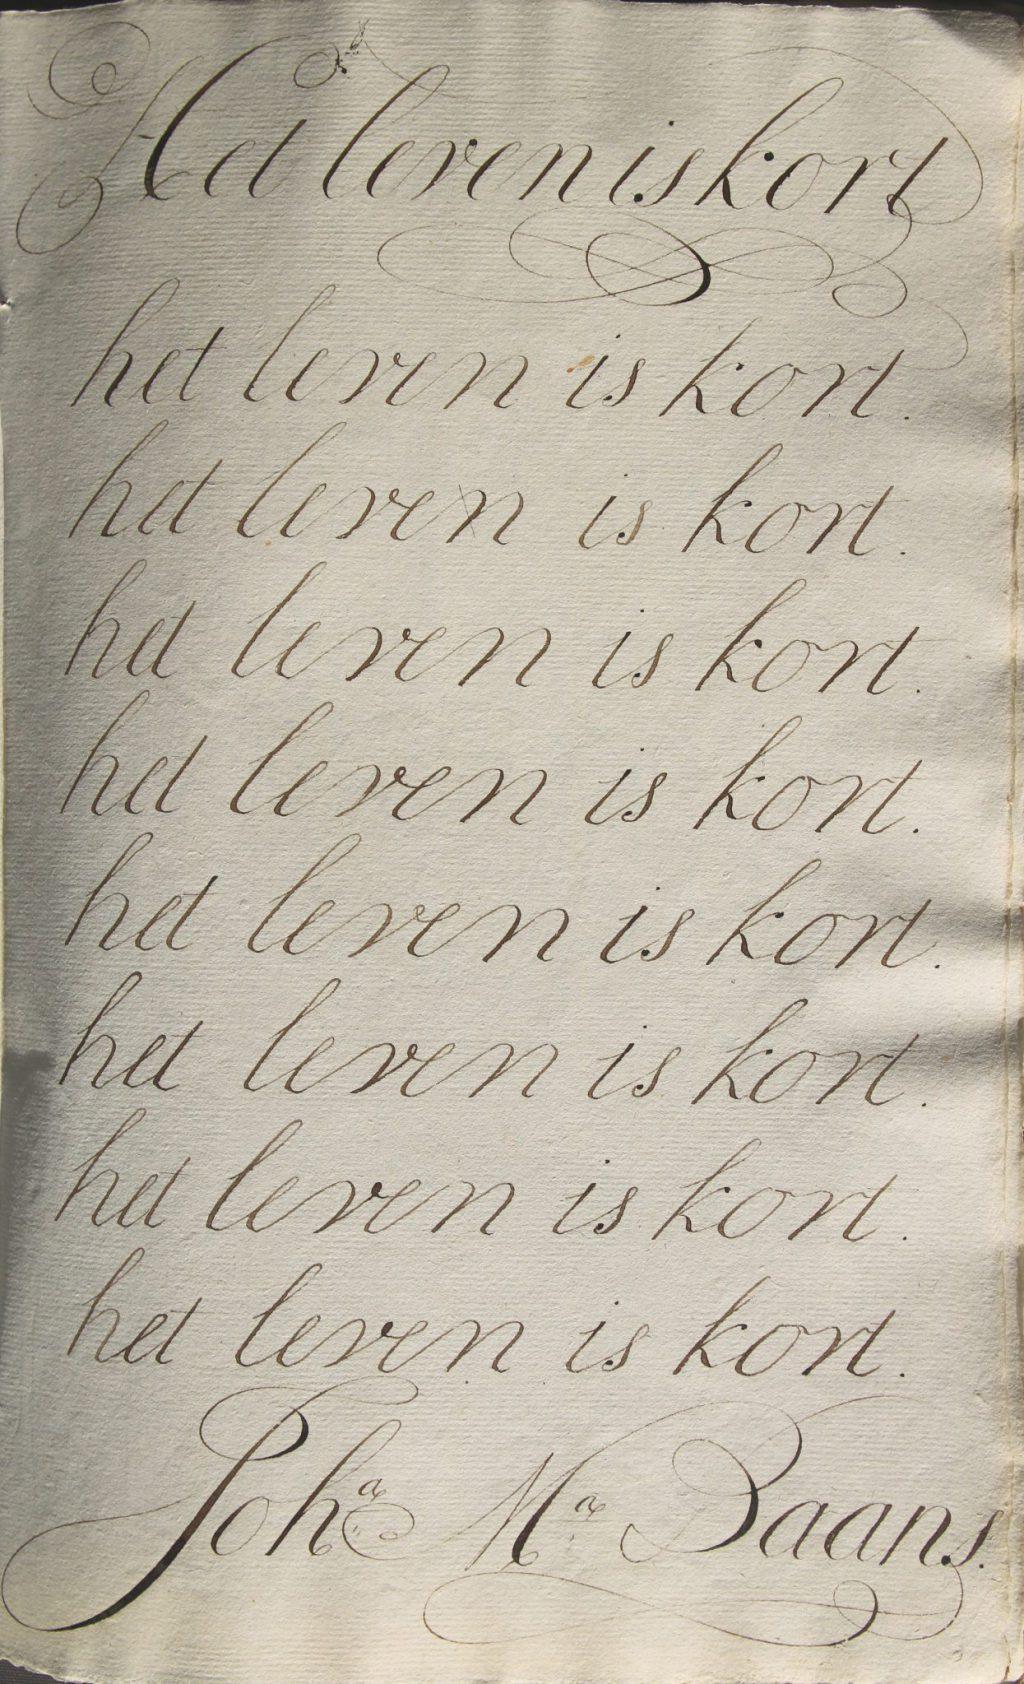 'Geschriften' van de meisjes van het Meisjeshuis, 1799 (Archief 200, inv.nr 1025)